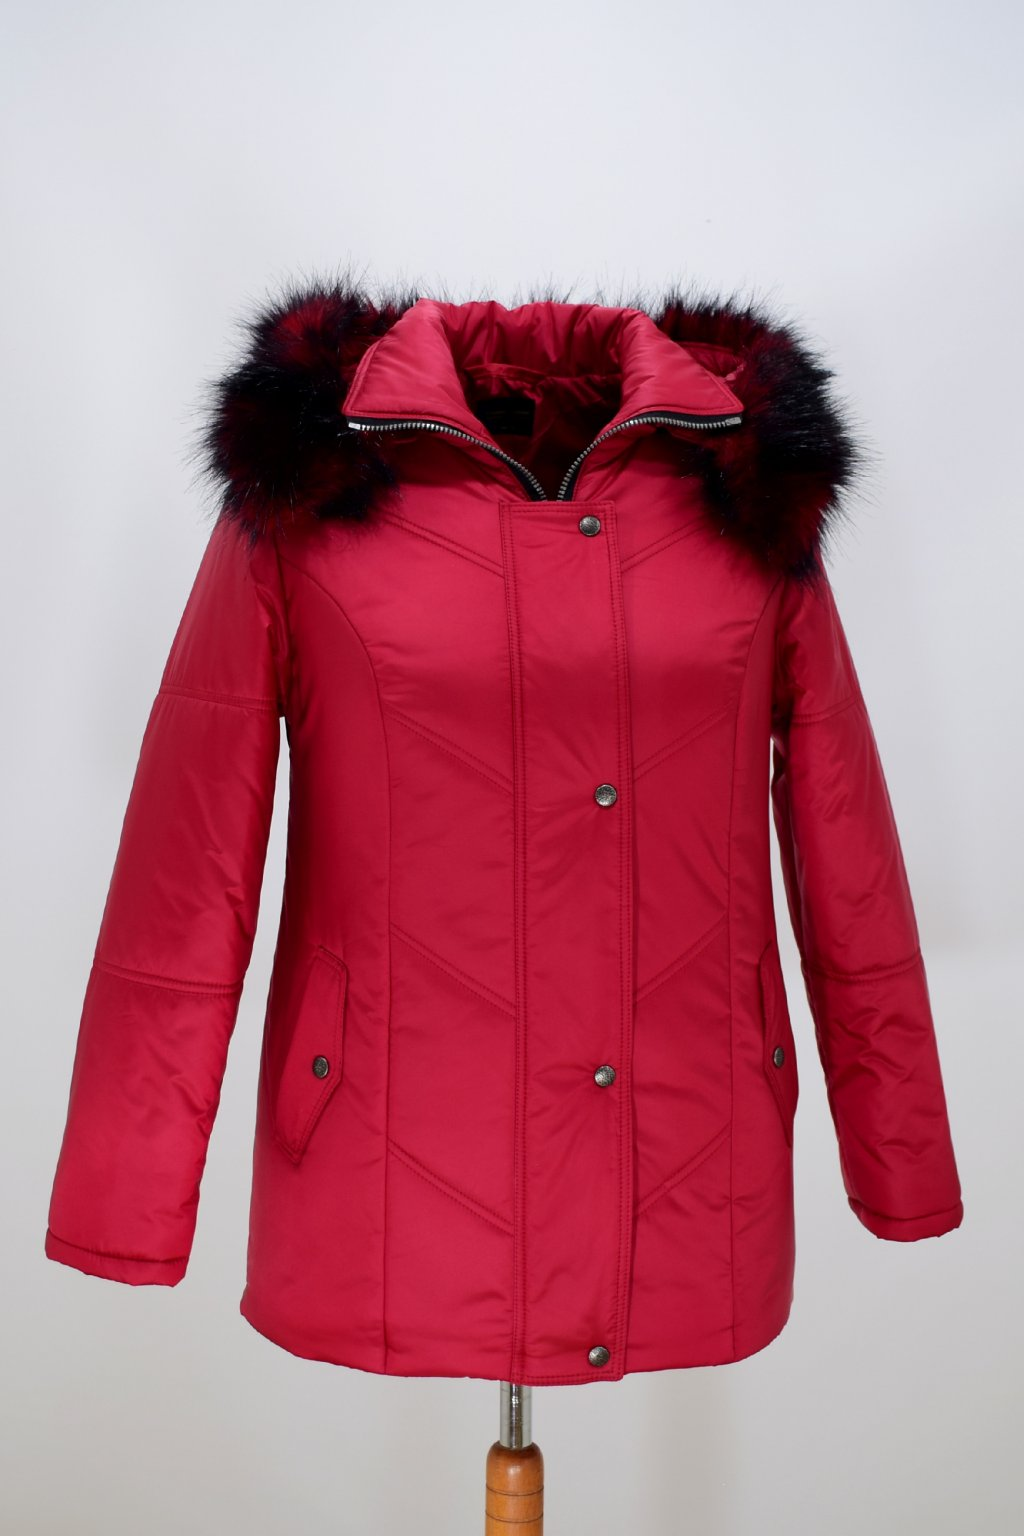 Dámská červená zimní bunda Saša nadměrné velikosti.